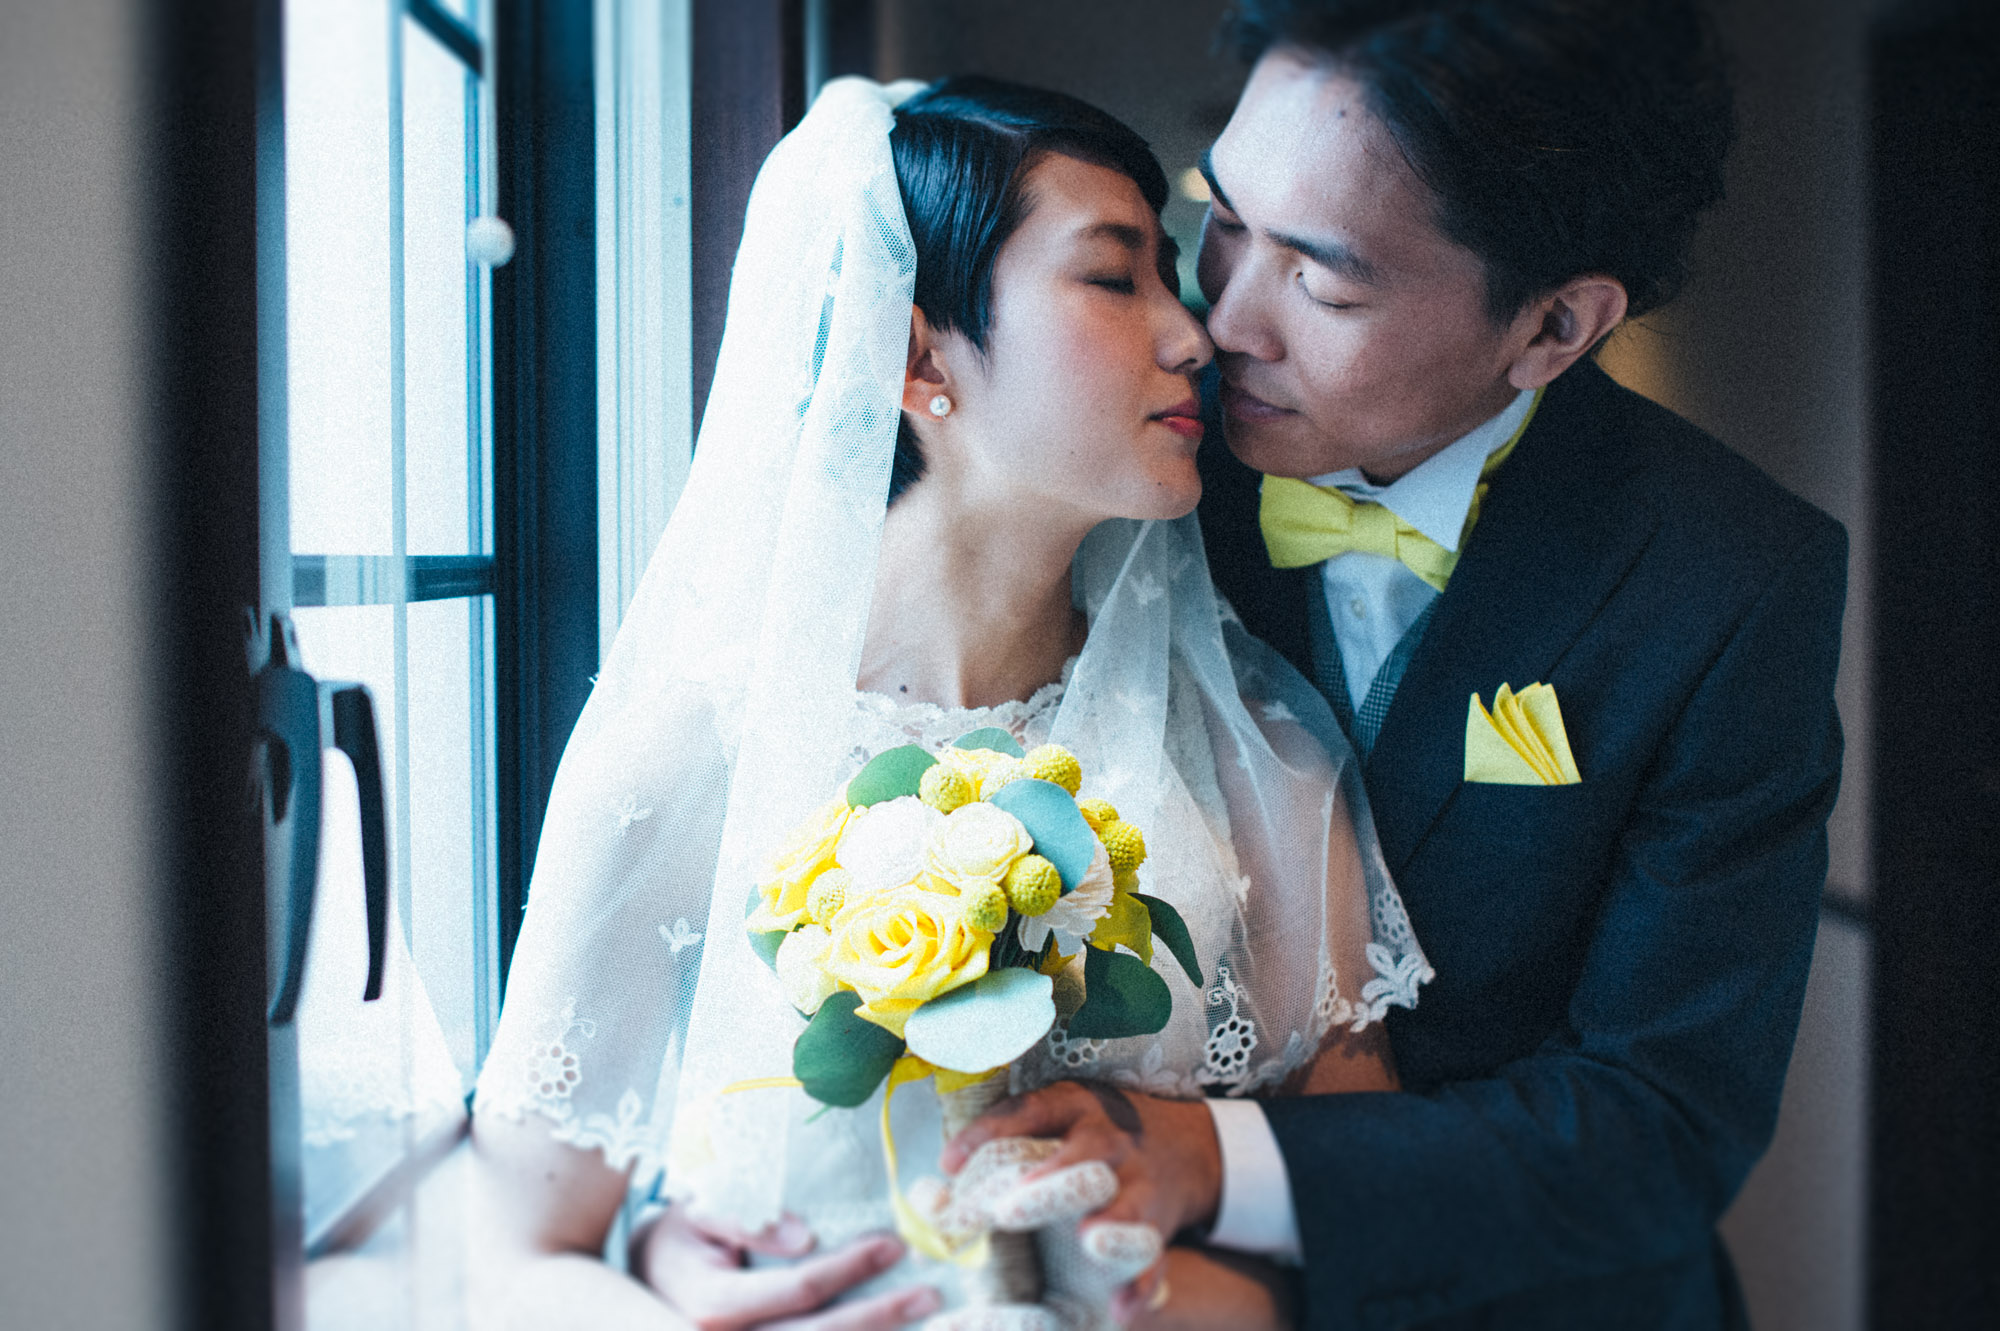 軽井沢結婚式65